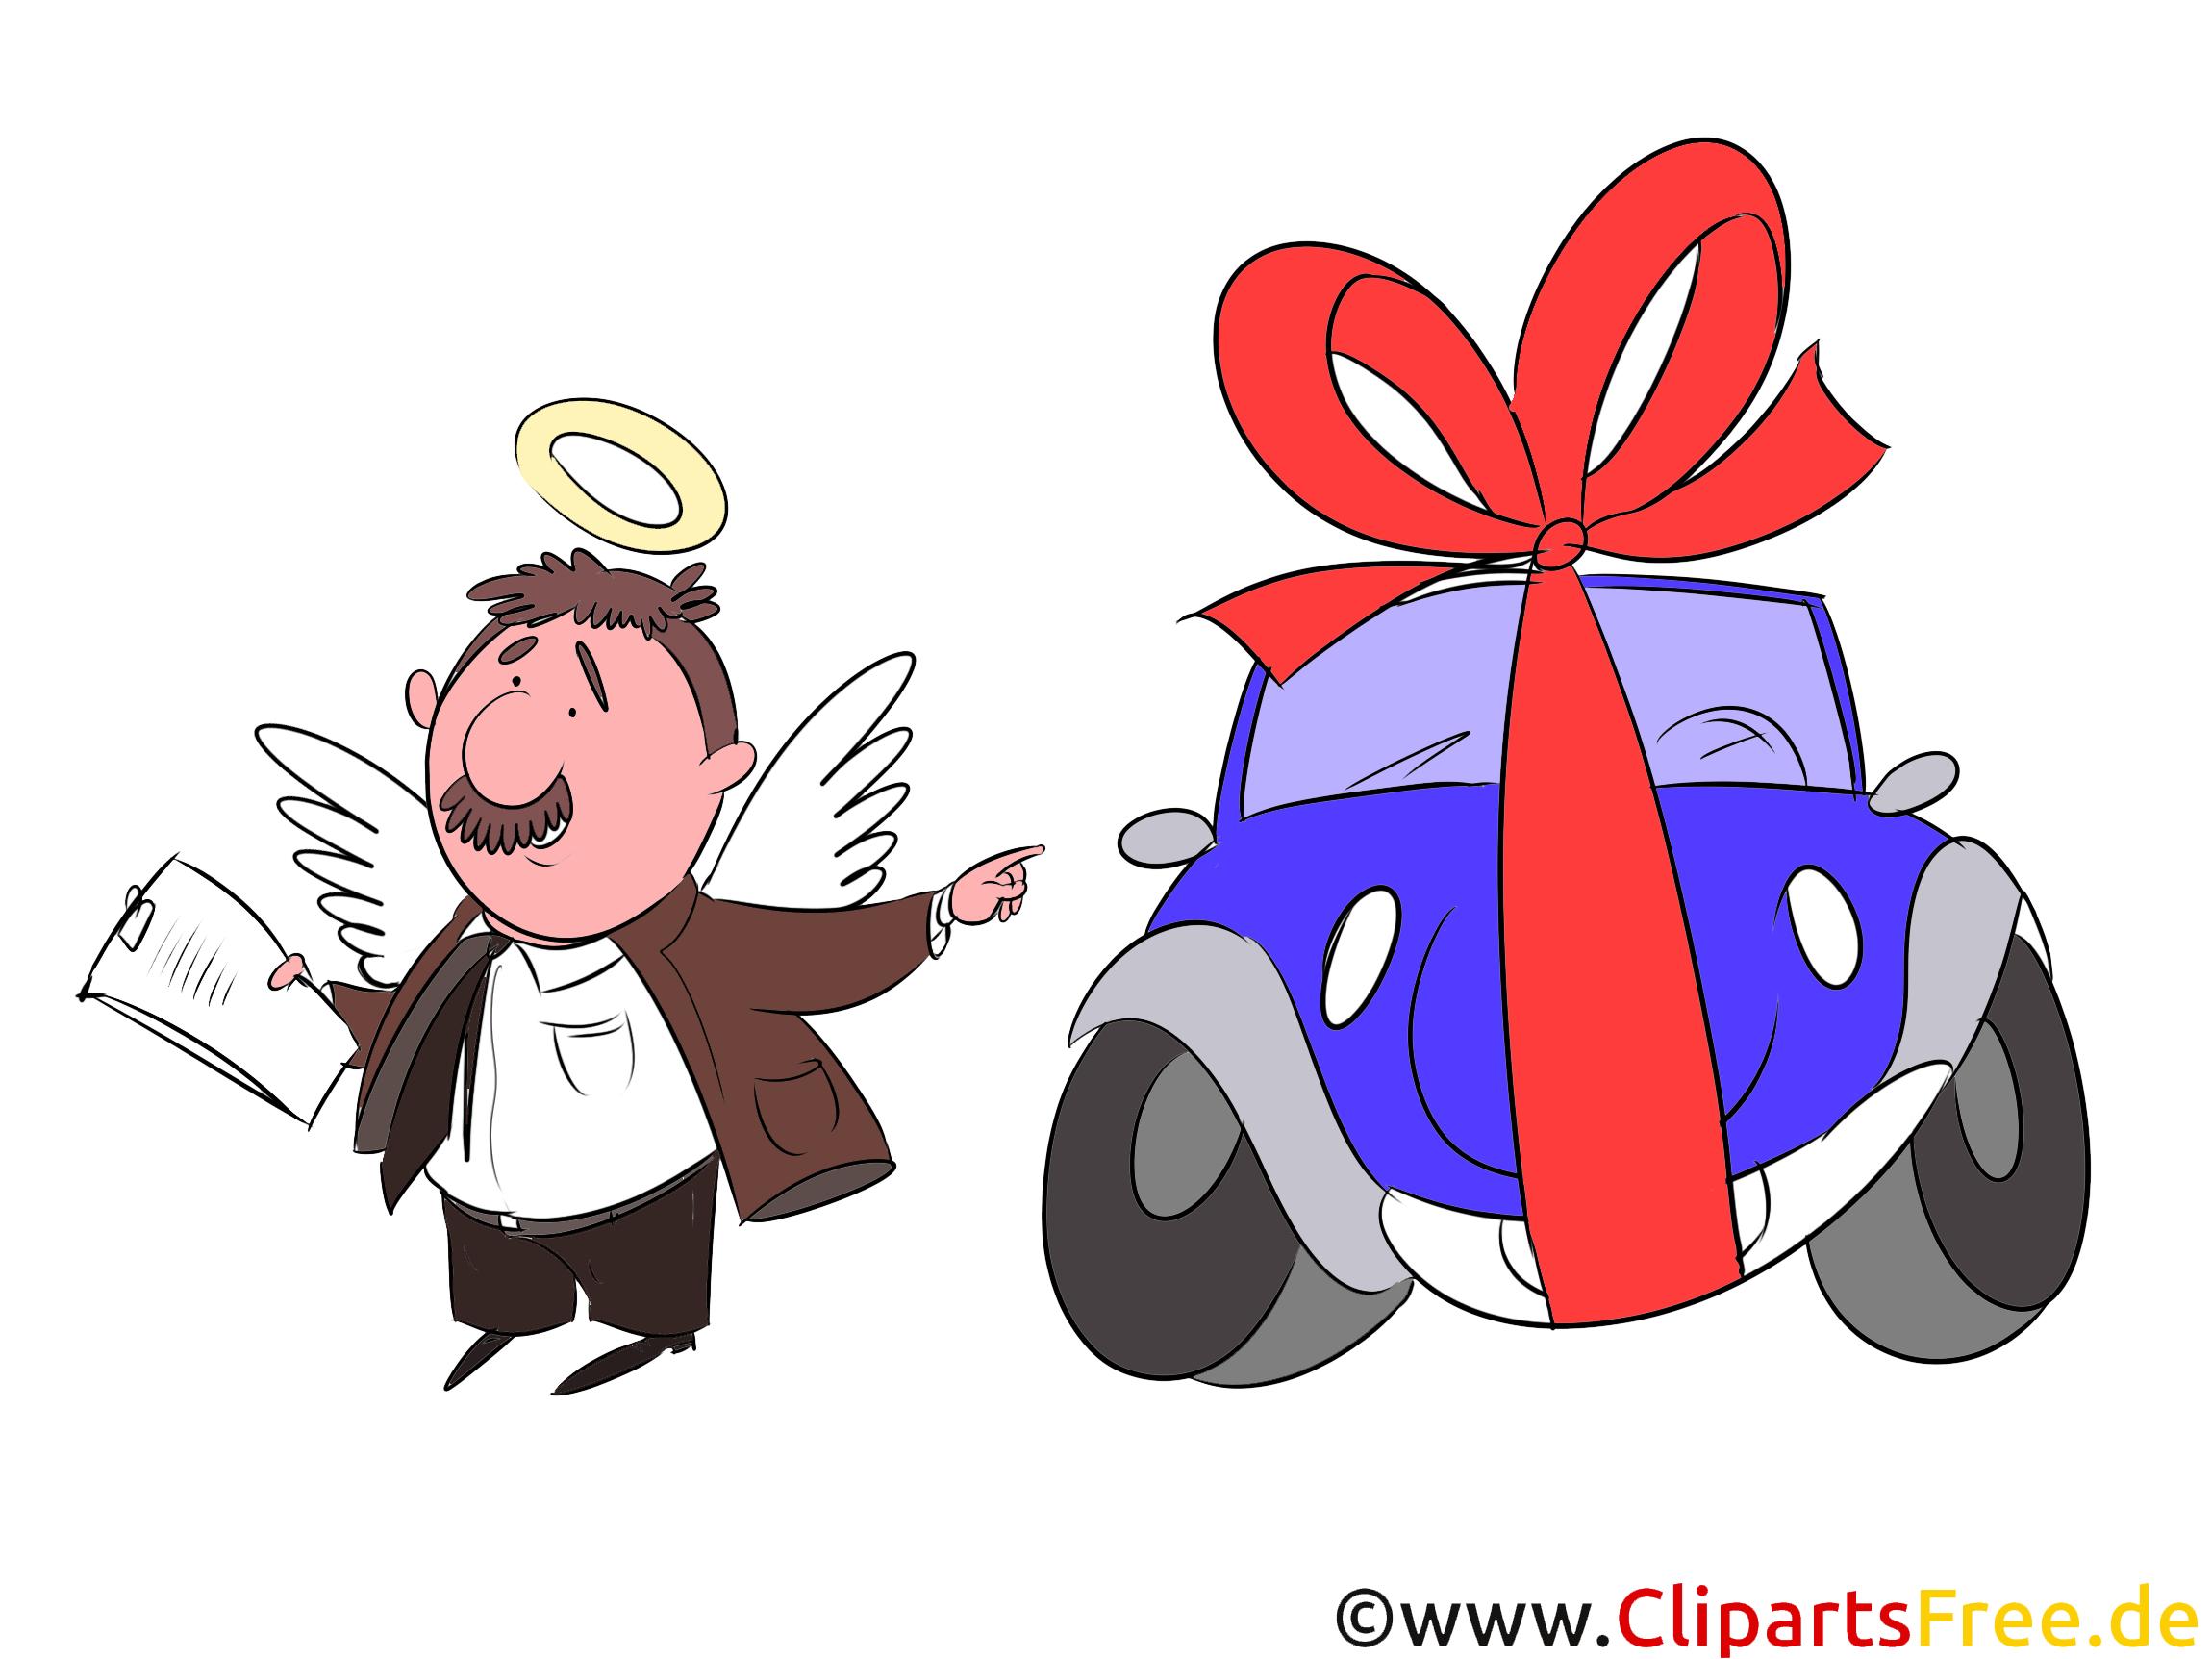 Vermittler Kredit für PKW Clipart, Bild, Grafik, Illustration